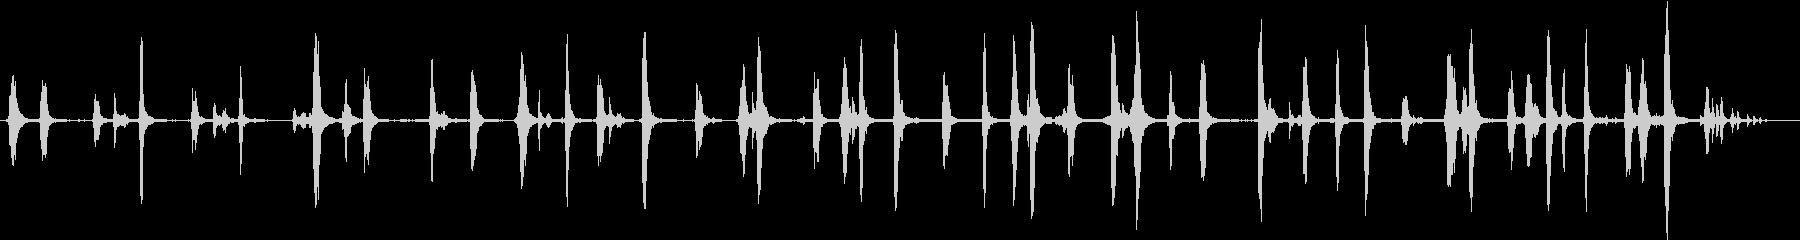 【生録音】春の野鳥のさえずり 2の未再生の波形